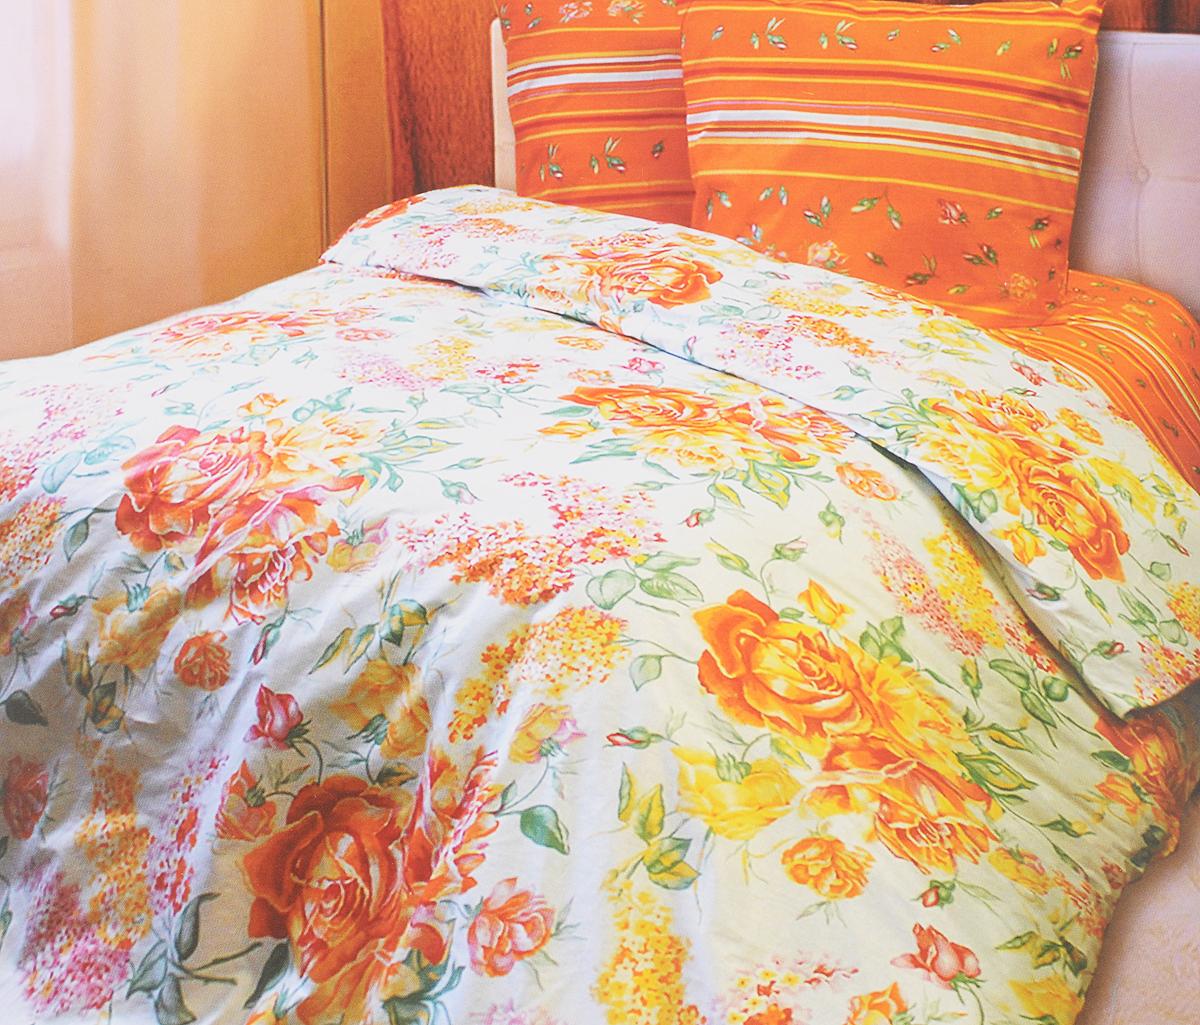 Комплект белья Катюша Сюзанна, 1,5-спальный, наволочки 70х70, цвет: белый, оранжевыйC-129/3839Комплект постельного белья Катюша Сюзанна является экологически безопасным для всей семьи, так как выполнен из бязи (100% хлопок). Комплект состоит из пододеяльника, простыни и двух наволочек. Постельное белье оформлено оригинальным рисунком и имеет изысканный внешний вид. Бязь - это ткань полотняного переплетения, изготовленная из экологически чистого и натурального 100% хлопка. Она прочная, мягкая, обладает низкой сминаемостью, легко стирается и хорошо гладится. Бязь прекрасно пропускает воздух и за ней легко ухаживать. При соблюдении рекомендуемых условий стирки, сушки и глажения ткань имеет усадку по ГОСТу, сохранятся яркость текстильных рисунков. Приобретая комплект постельного белья Катюша Сюзанна, вы можете быть уверенны в том, что покупка доставит вам и вашим близким удовольствие и подарит максимальный комфорт.